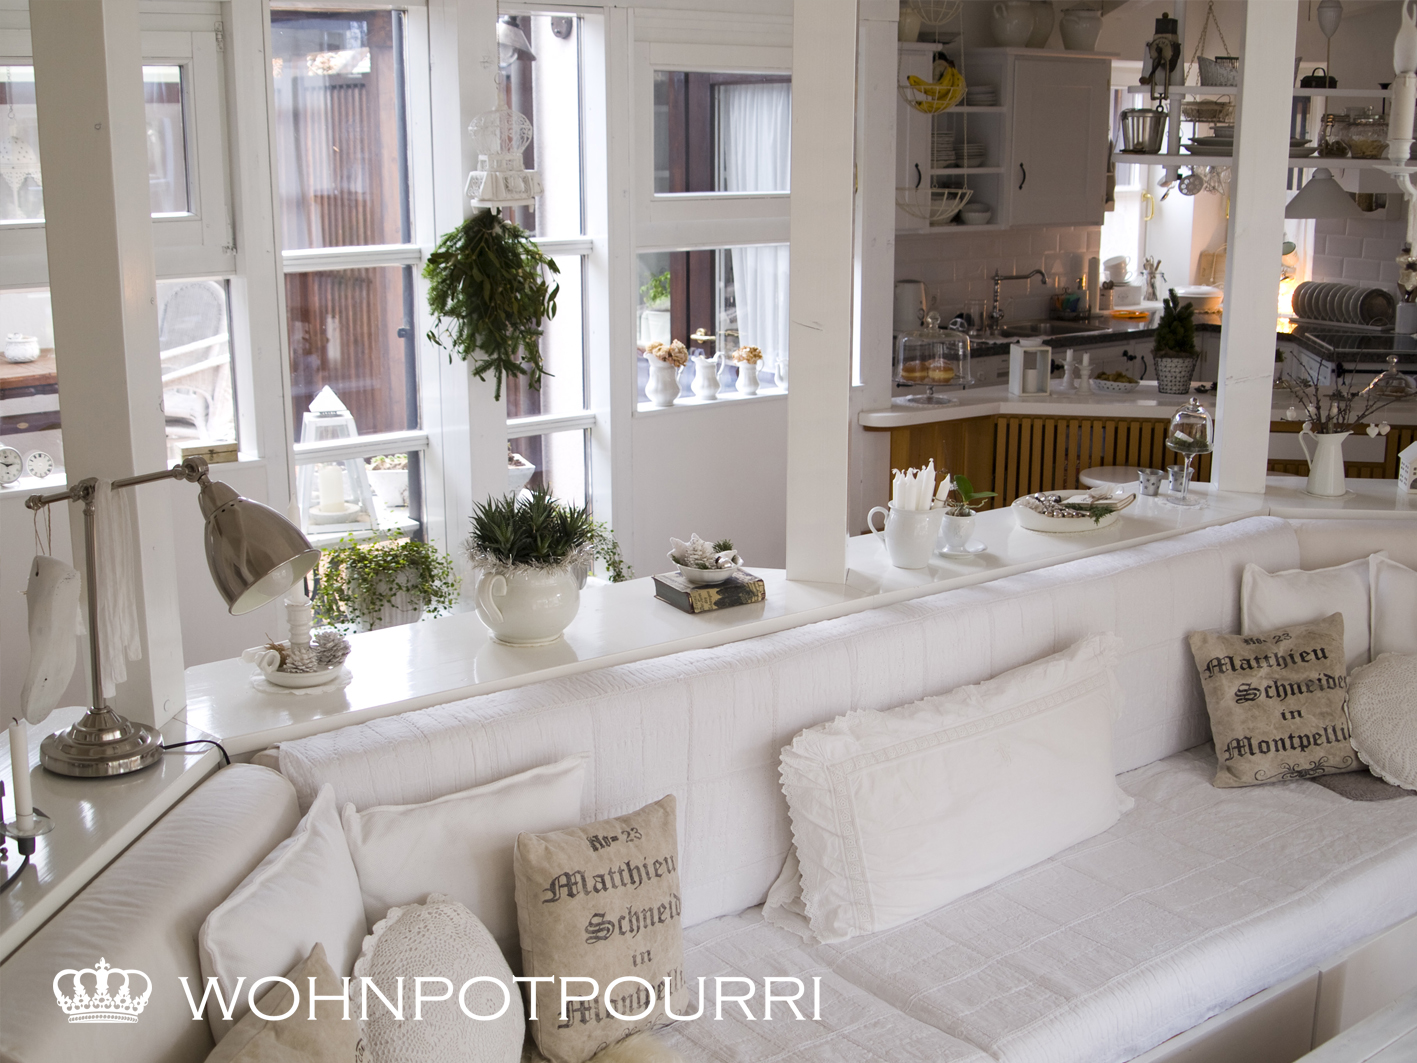 schlafen im wohnzimmer schlafen im wohnzimmer ideen. Black Bedroom Furniture Sets. Home Design Ideas